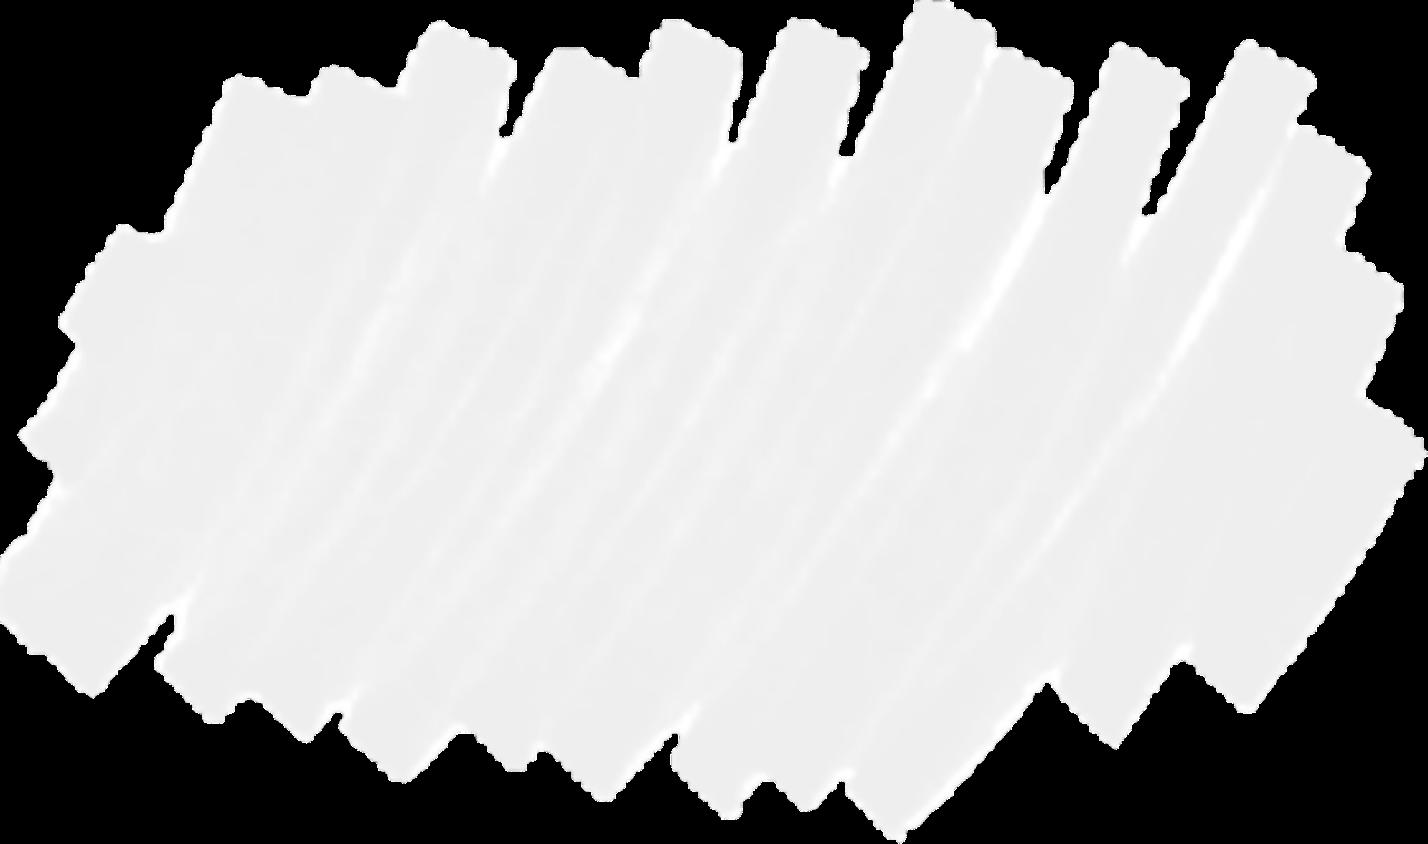 Imagem simulando rabisco de lápis